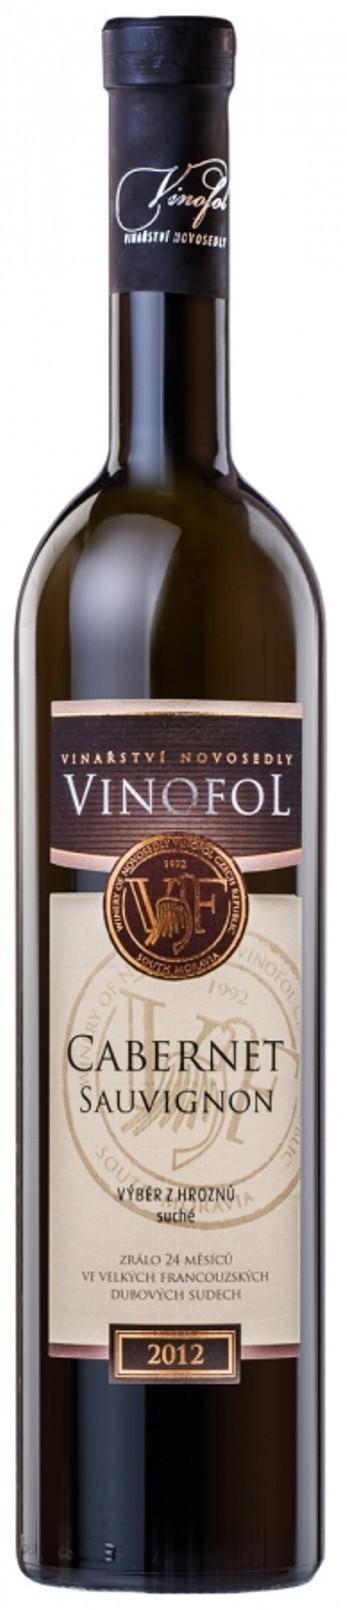 Cabernet Sauvignon 2018, výběr z hroznů, suché, Vinařství Vinofol